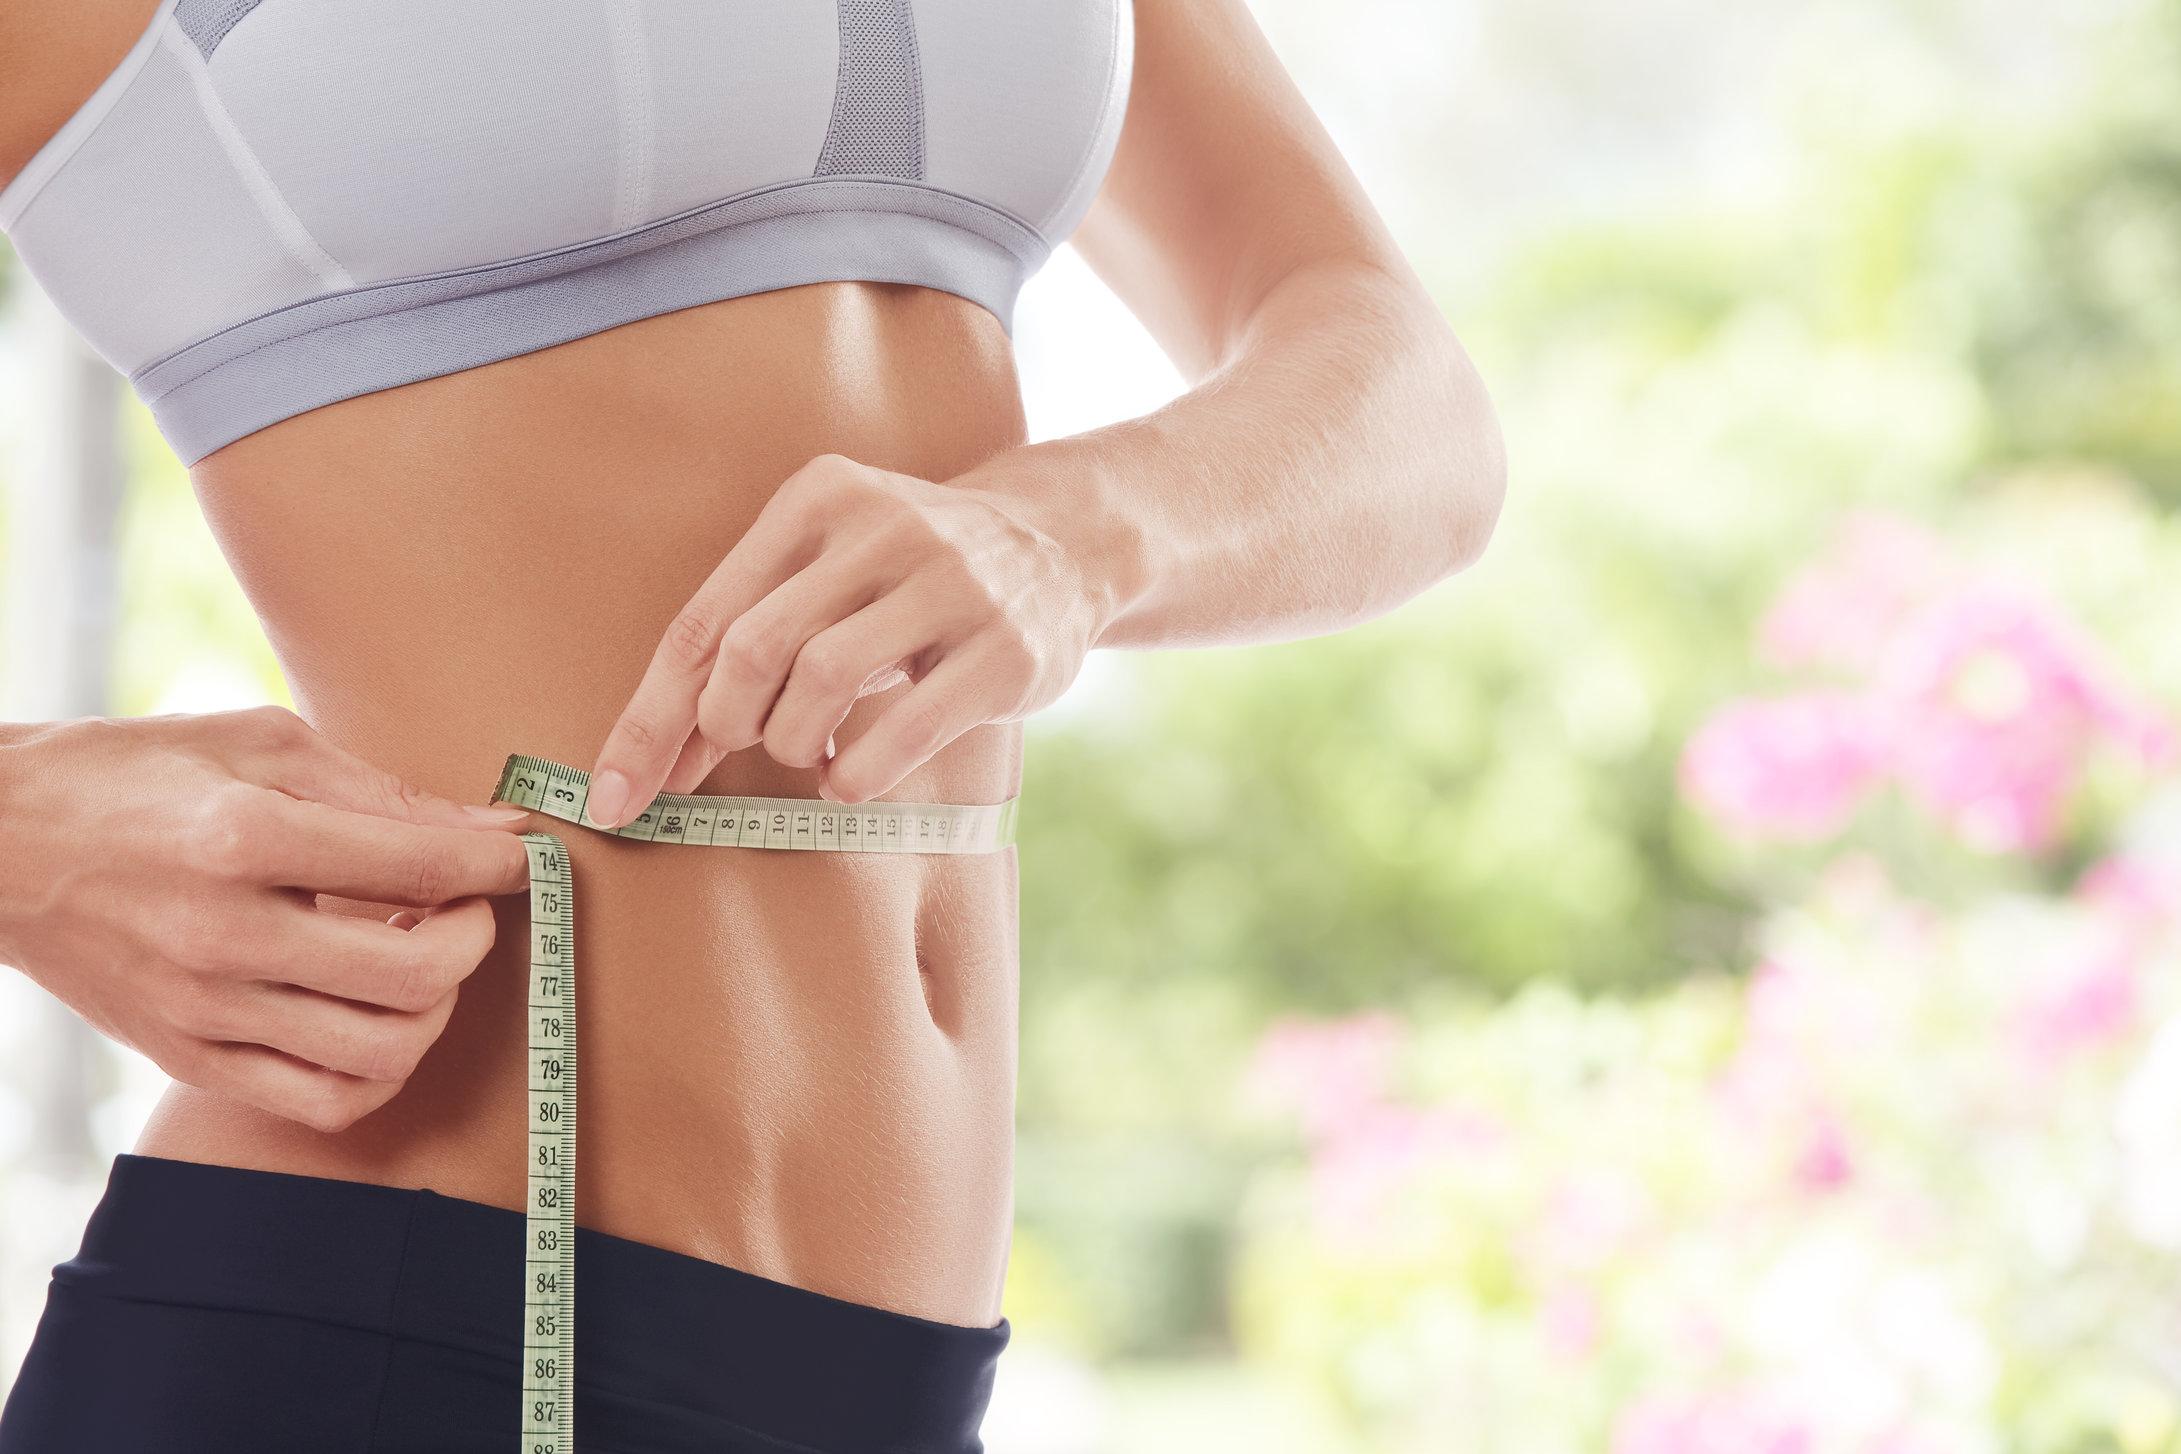 cum să slăbești și să menții metabolismul)